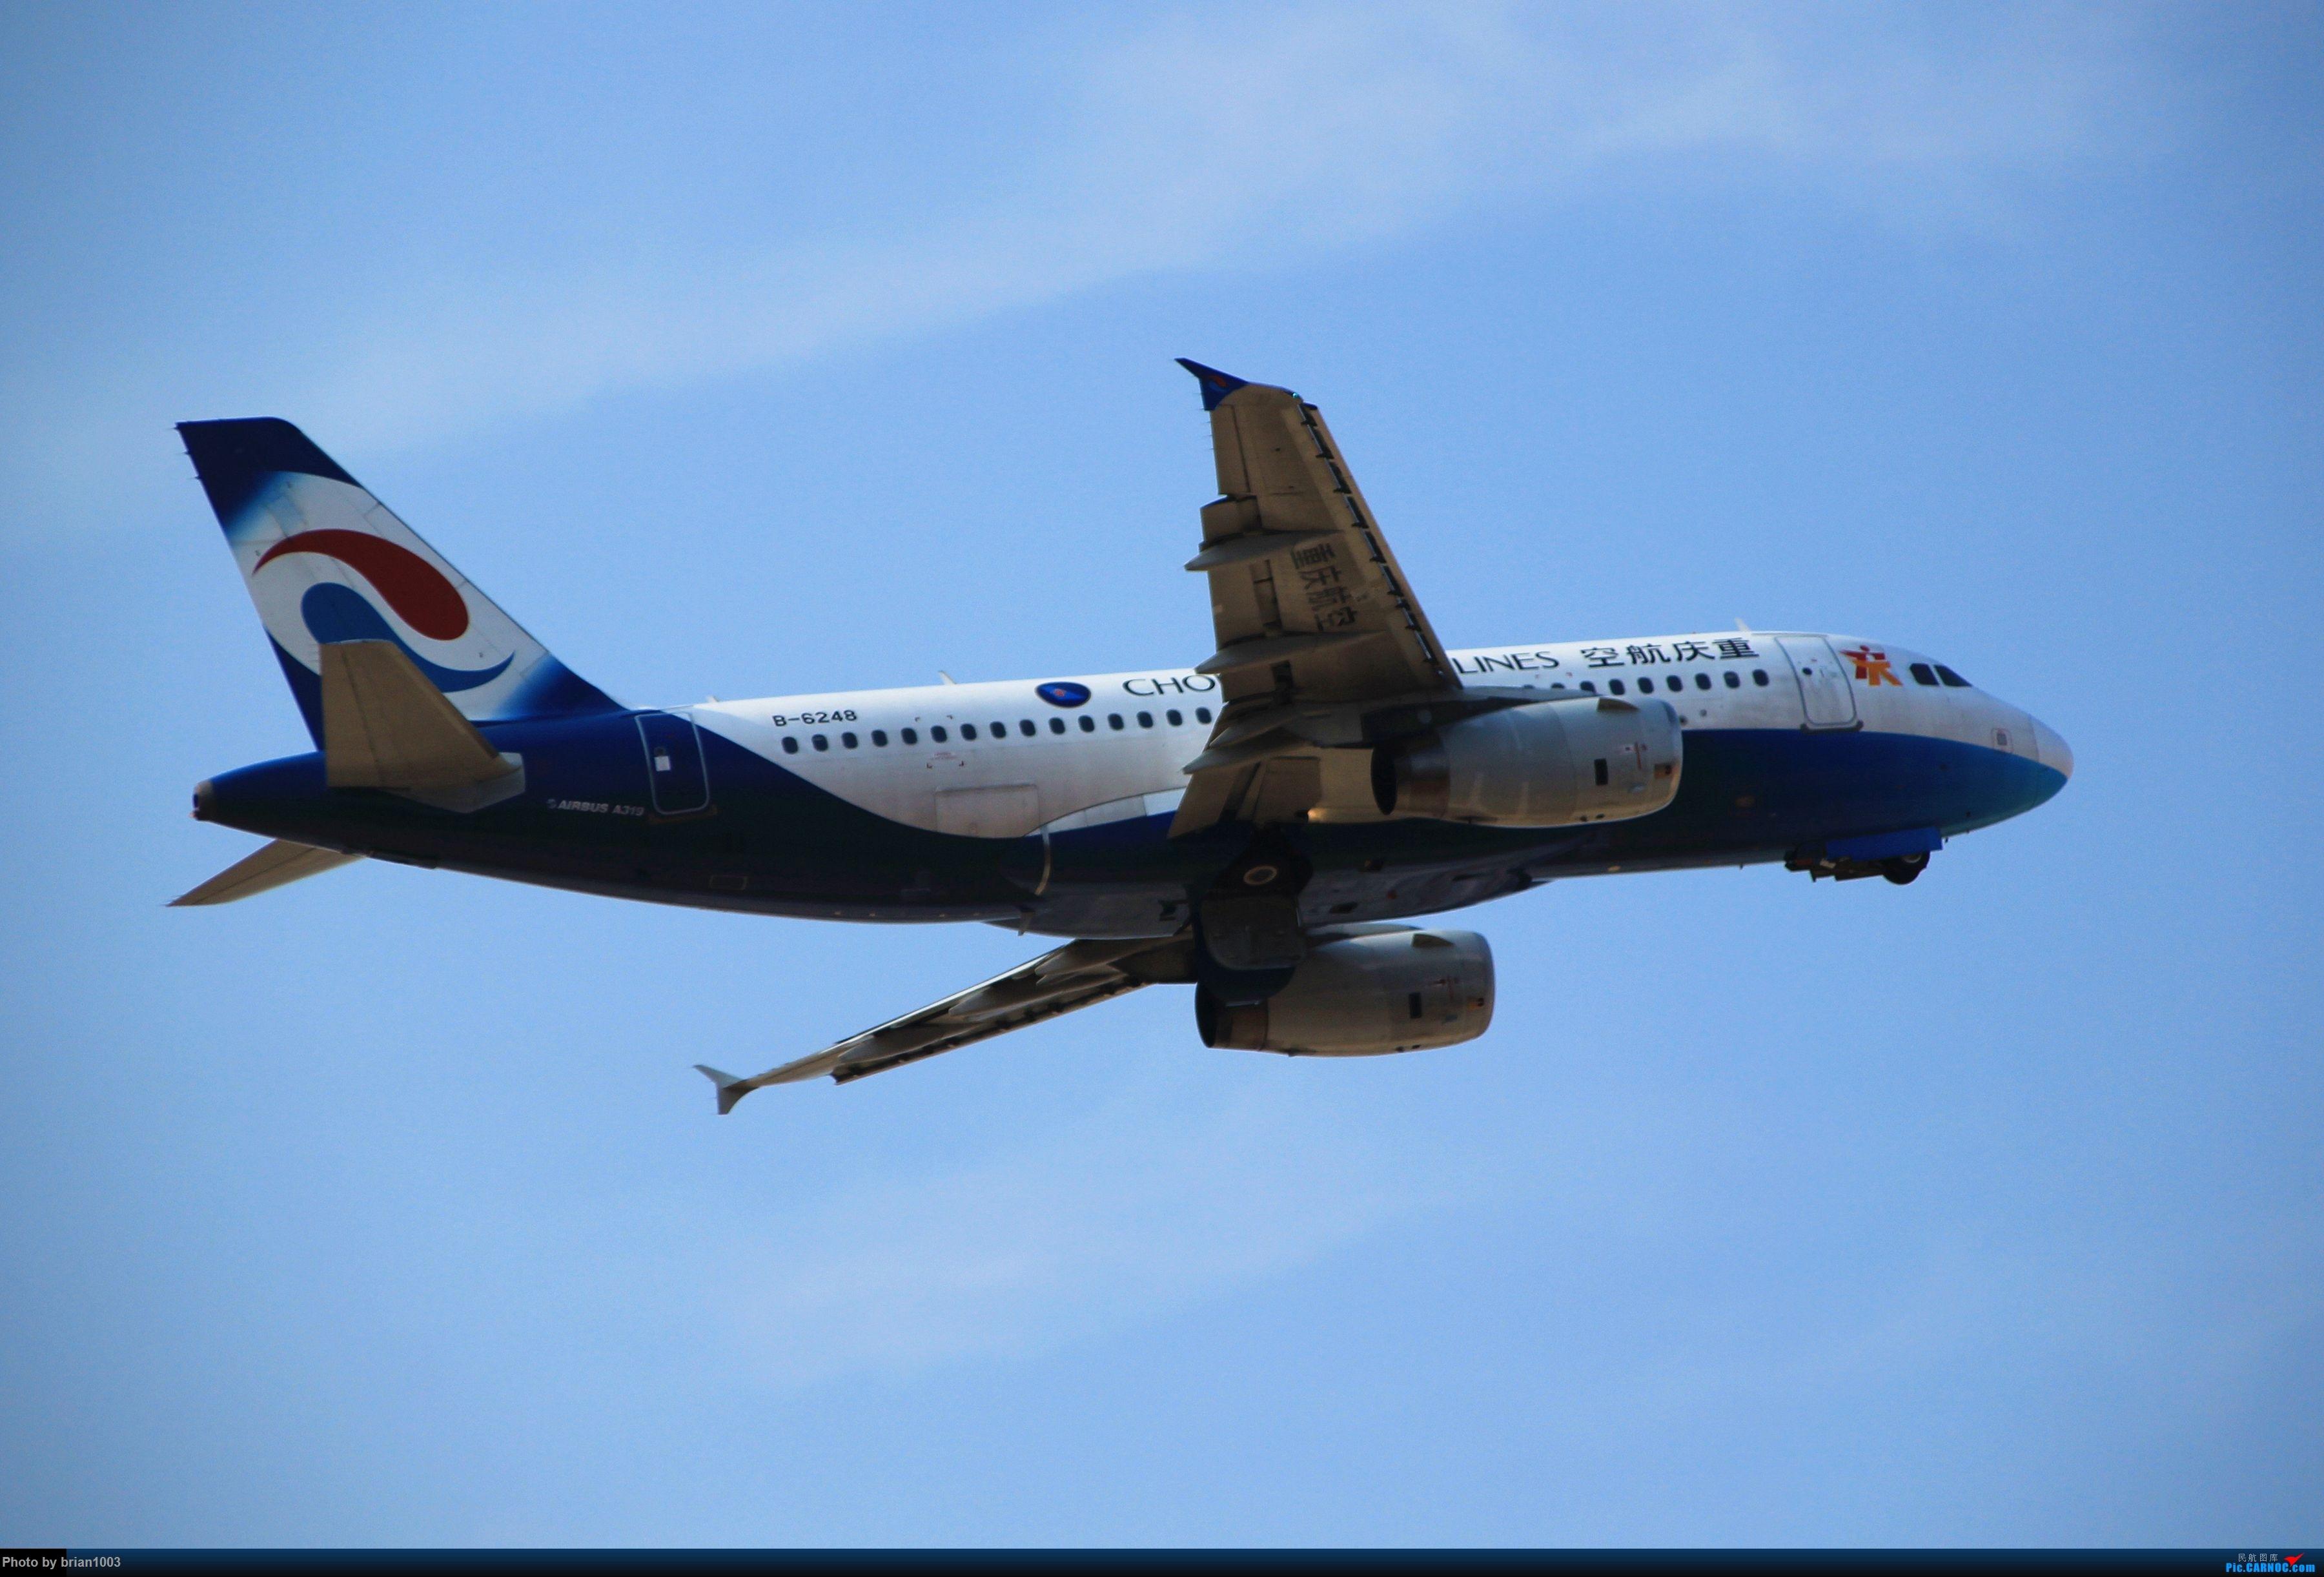 Re:[原创]WUH武汉天河机场拍机之精彩满满的十月(还可能更新) AIRBUS A319-100 B-6248 中国武汉天河国际机场